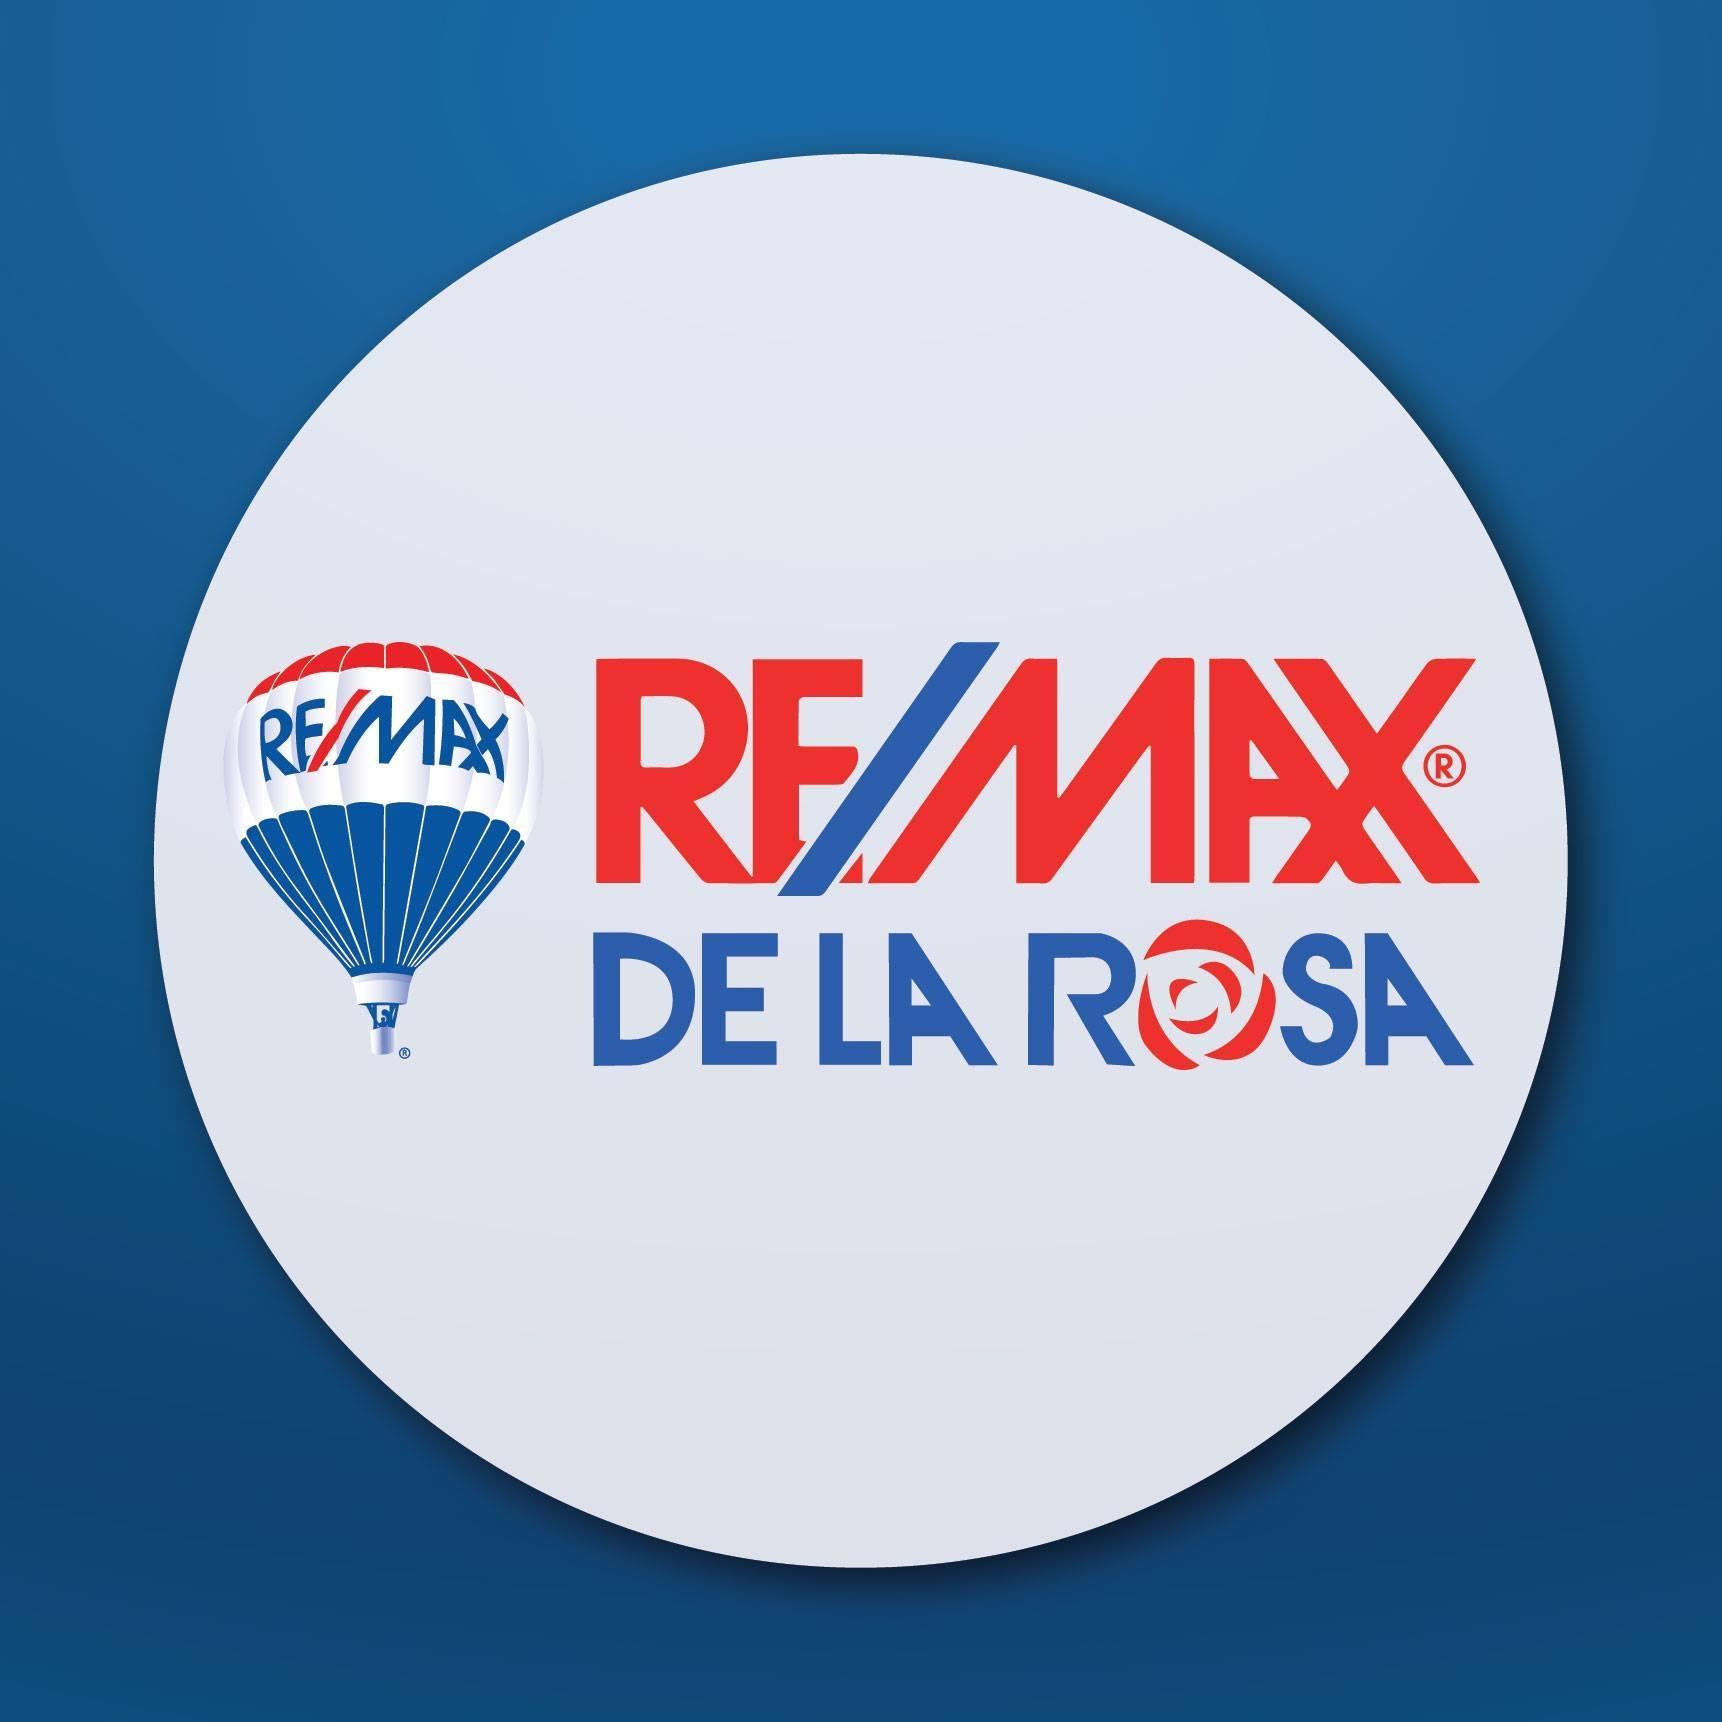 Remax de la Rosa